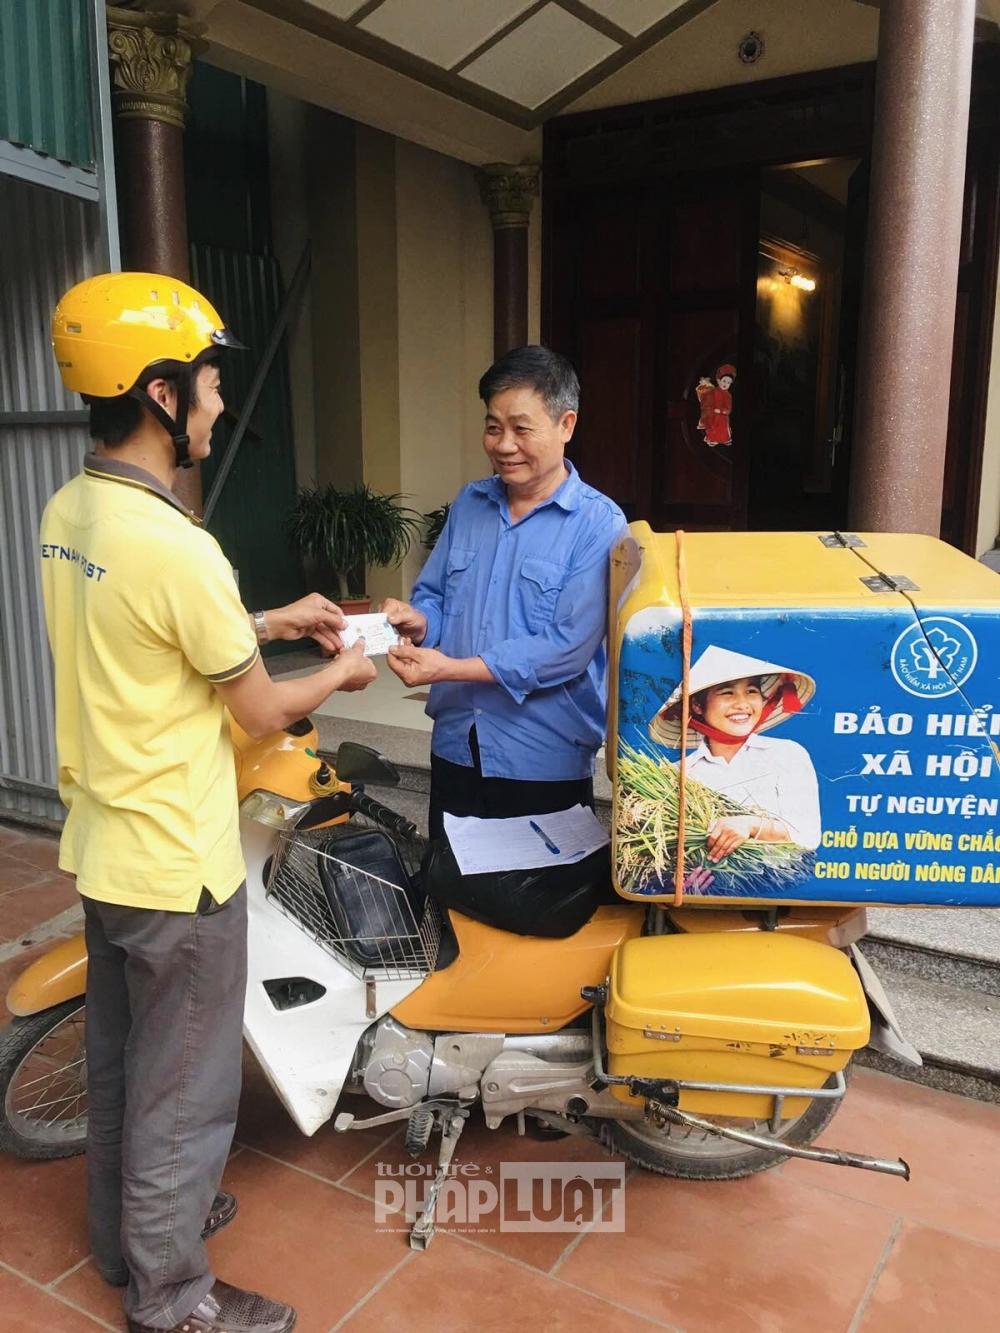 Bưu điện tỉnh Bắc Giang giảm giá cước chuyển phát Căn cước công dân hỗ trợ người dân